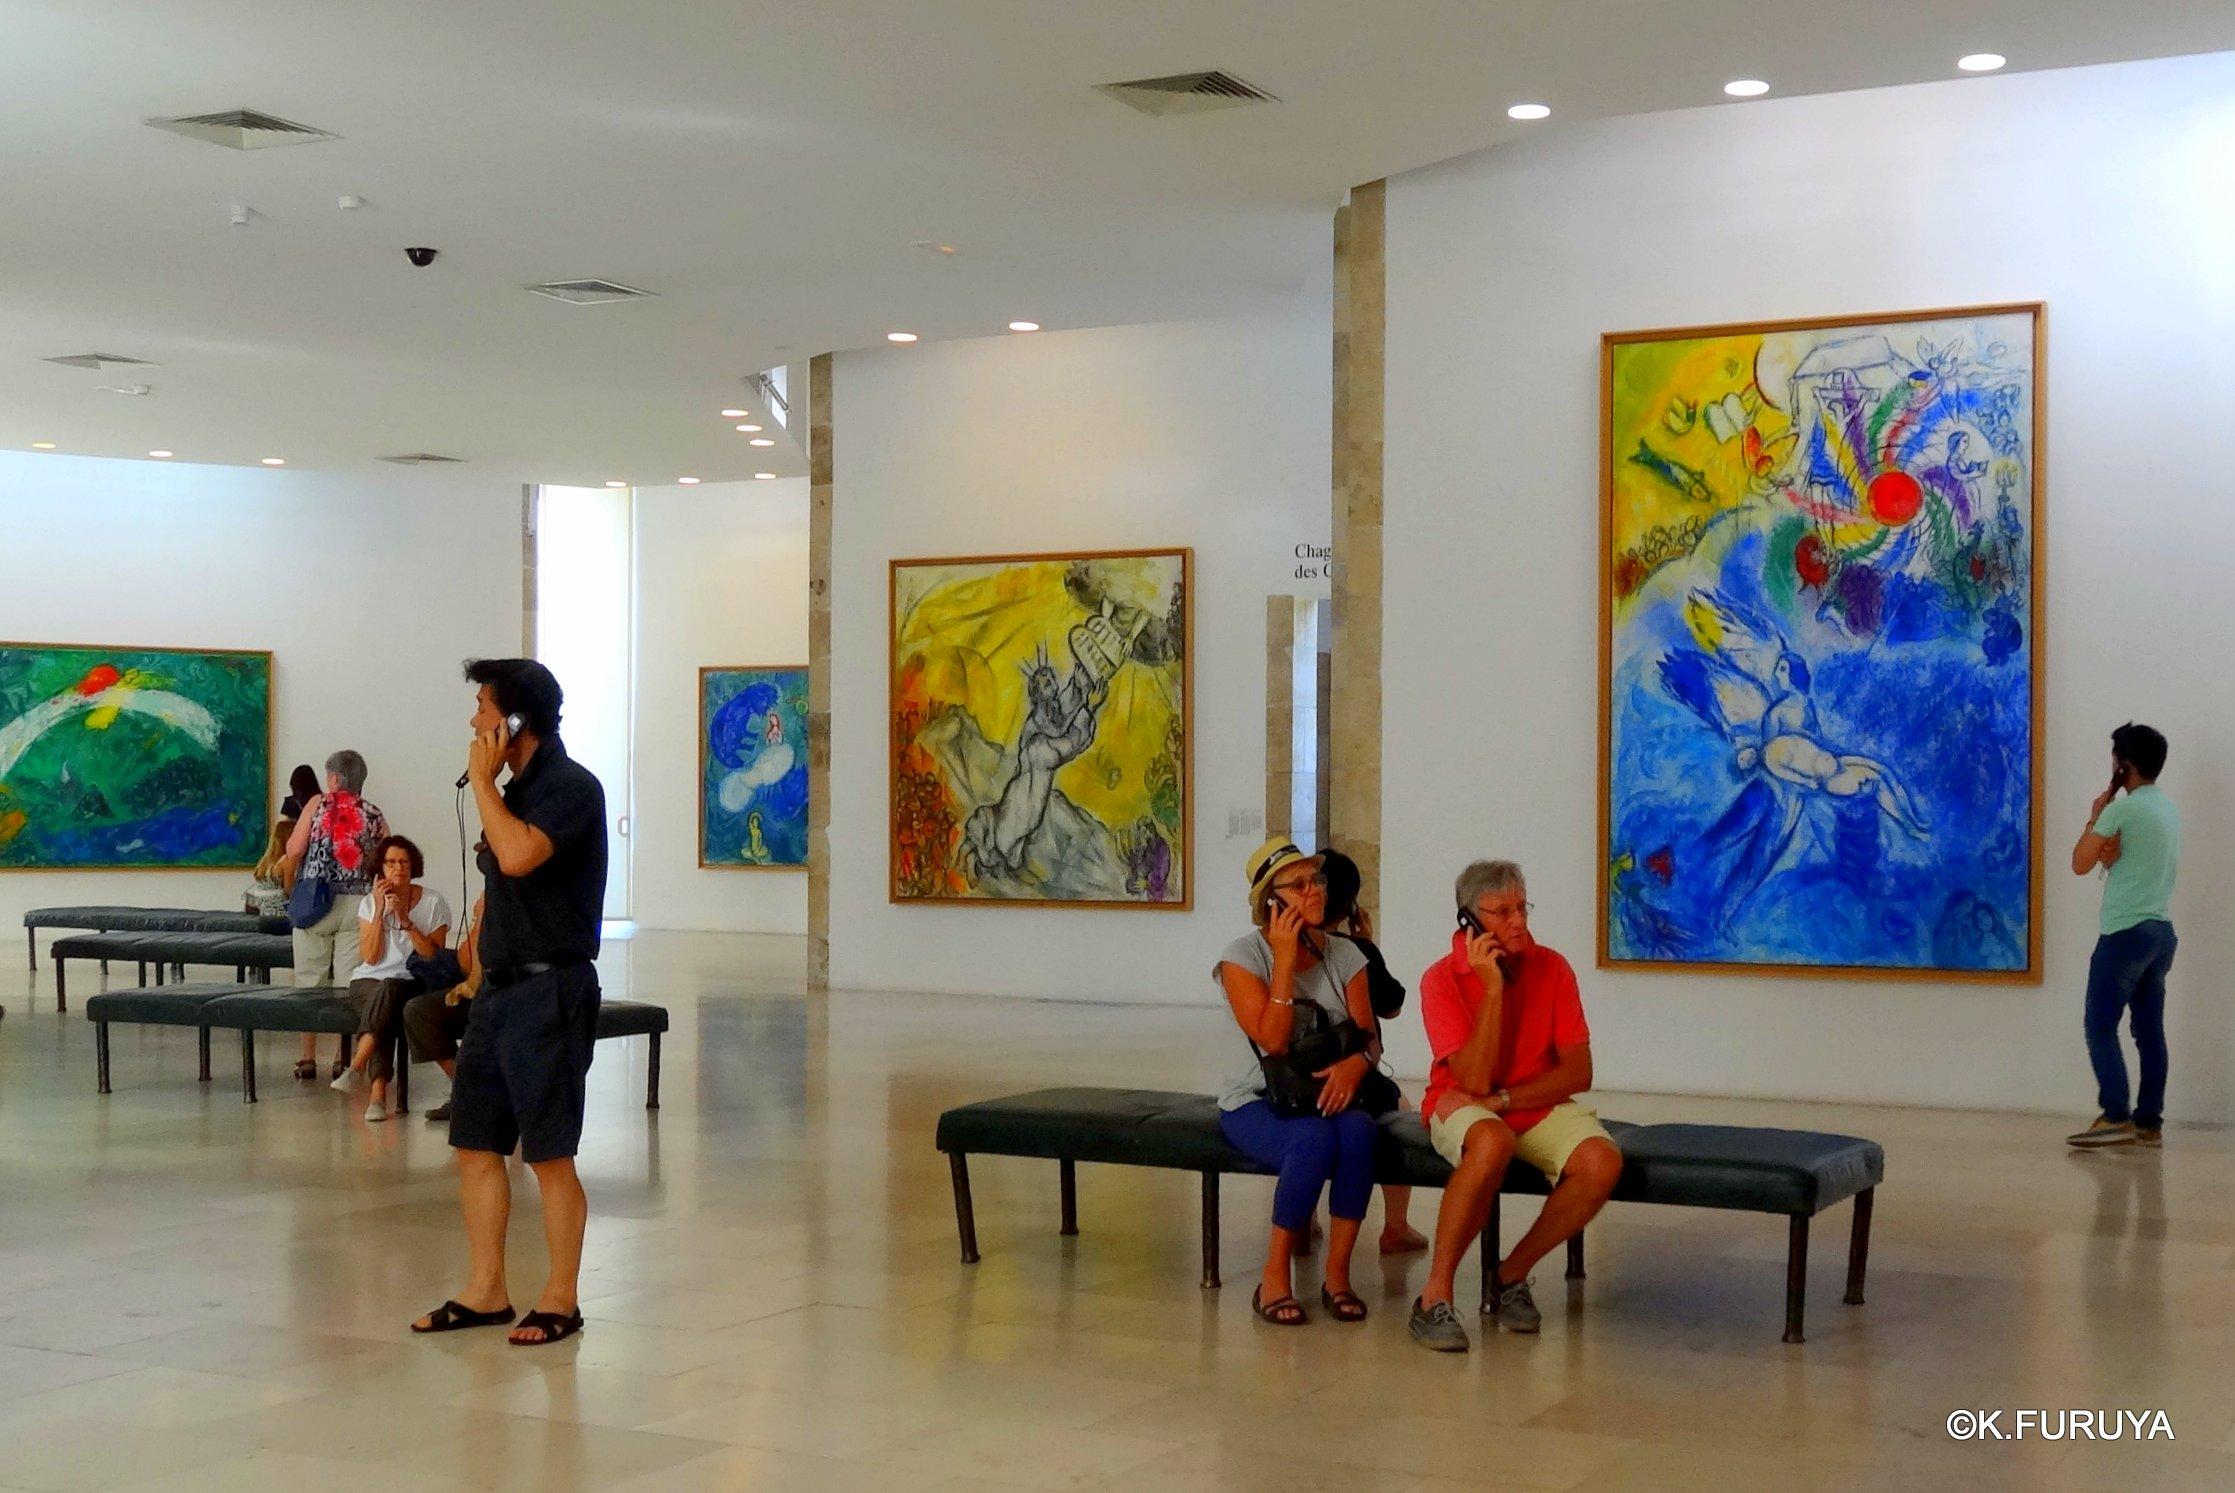 フランス周遊の旅 4  シャガール美術館_a0092659_15203487.jpg